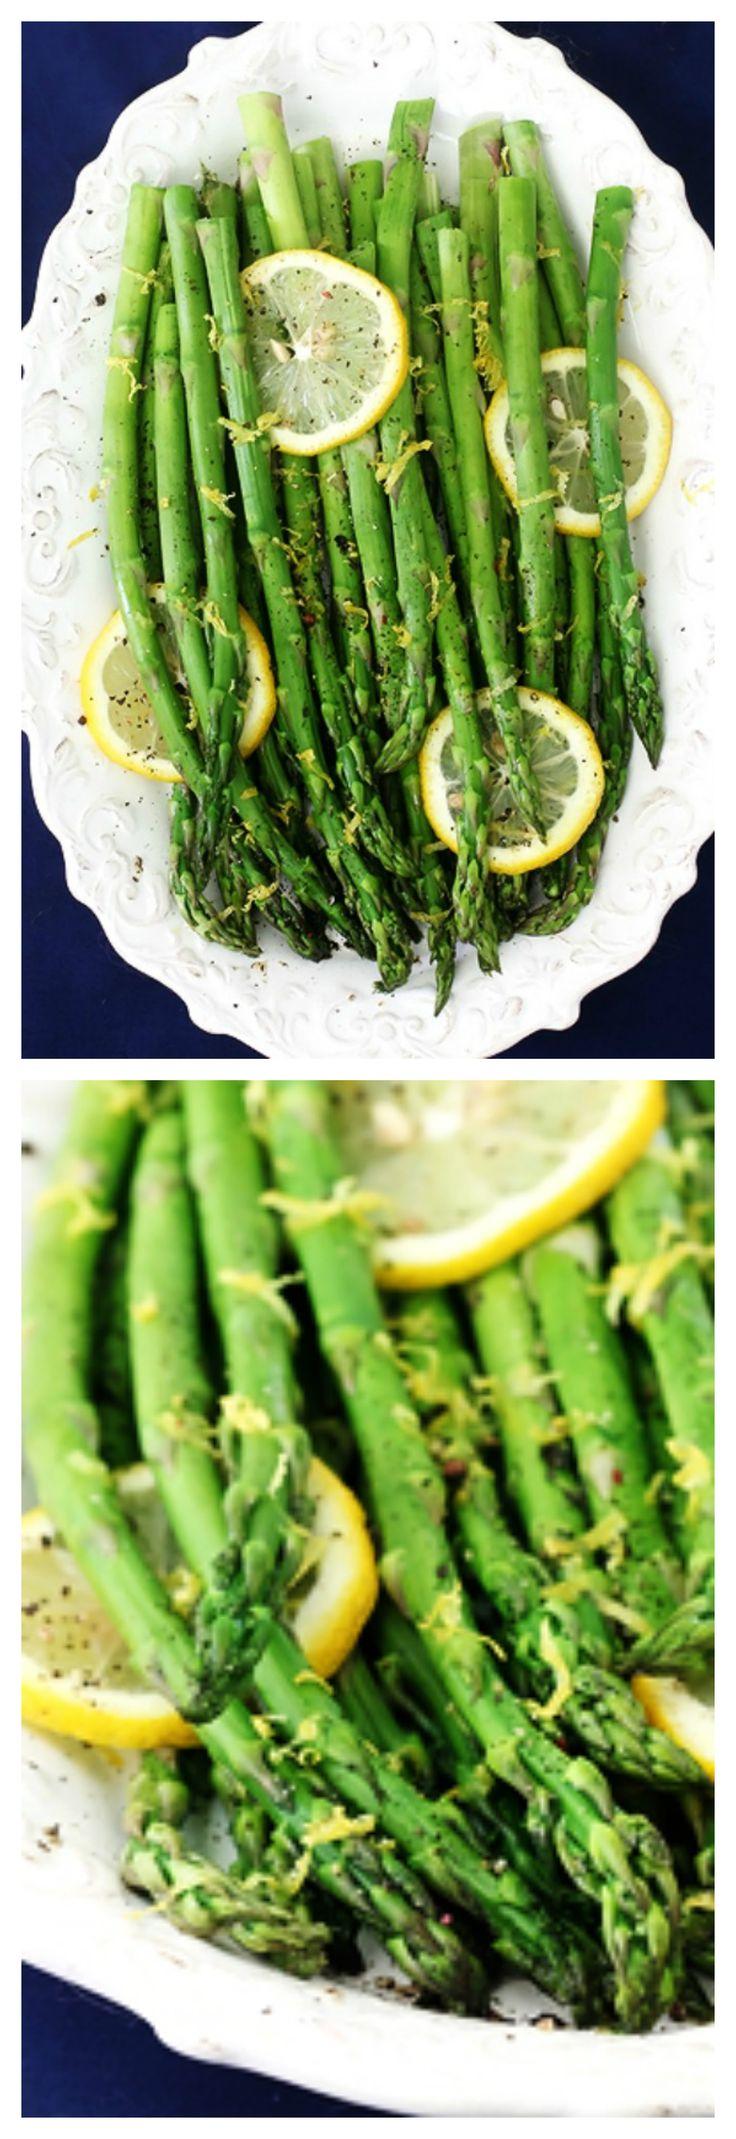 Lemon Pepper Asparagus -- super easy to make, and full of fresh lemon pepper flavor!   gimmesomeoven.com